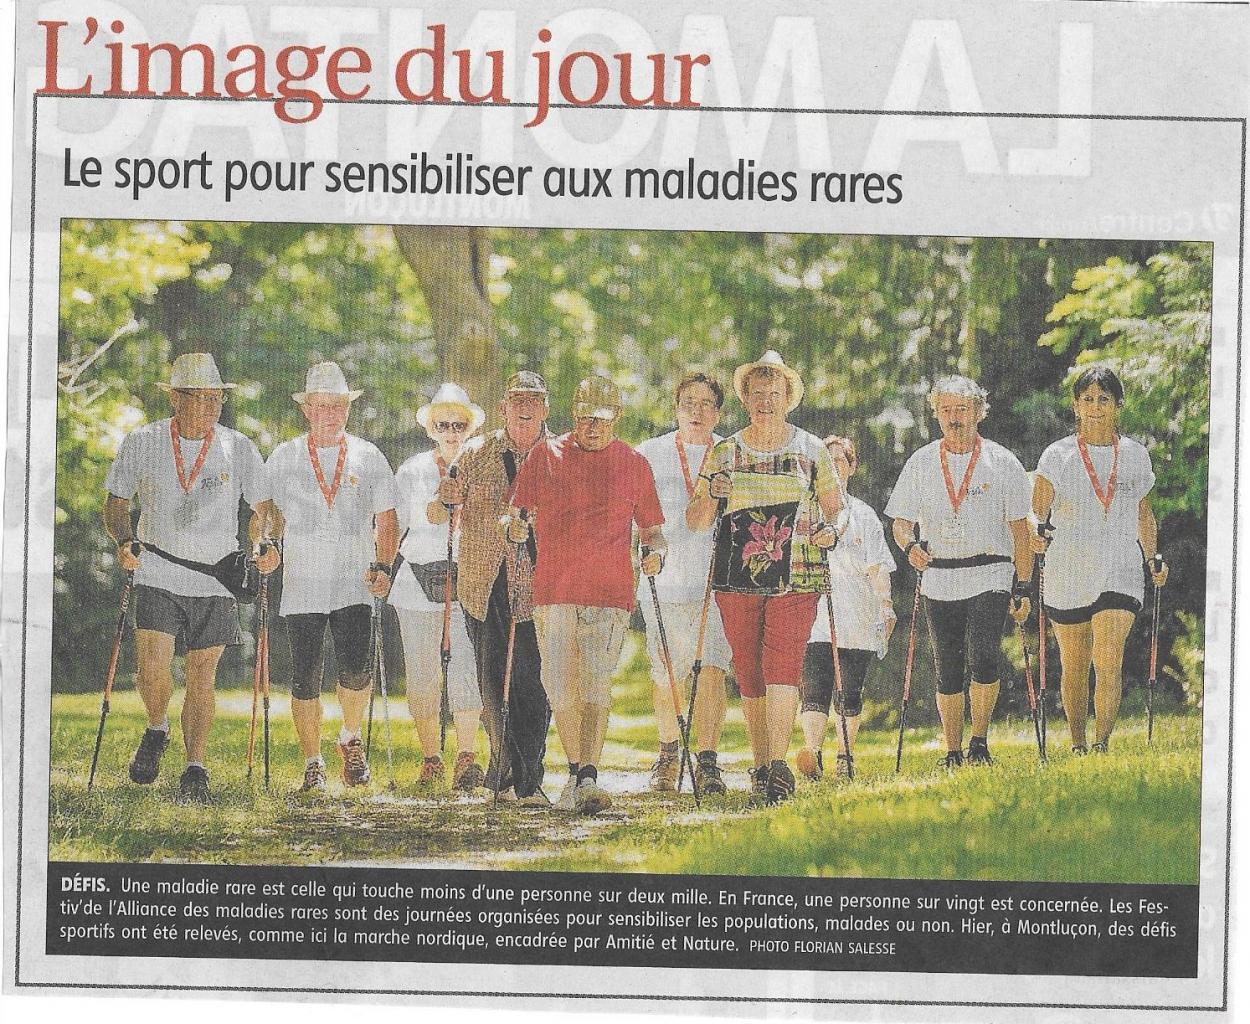 Participation à la journée nationale Les Festiv de l'Alliance maladies rares - Montluçon